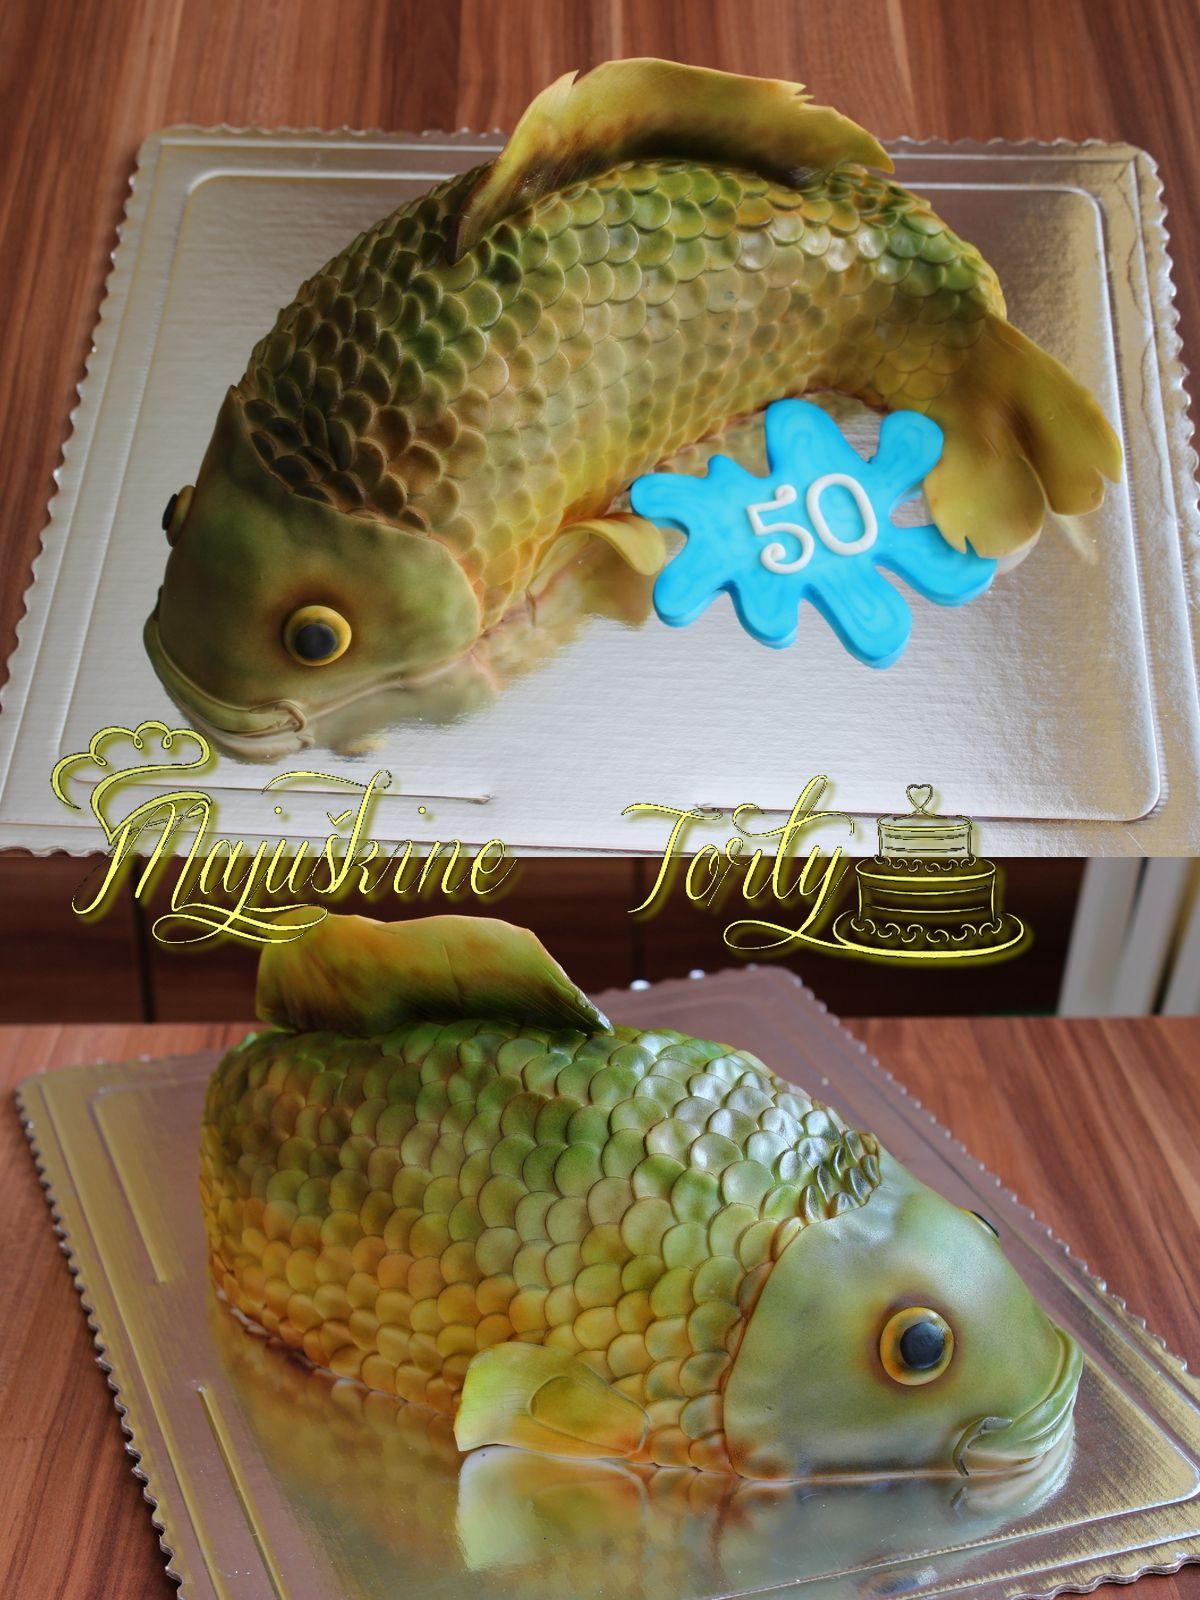 Carp cake birthday cake 3d carp airbrush fish for Fish birthday cake